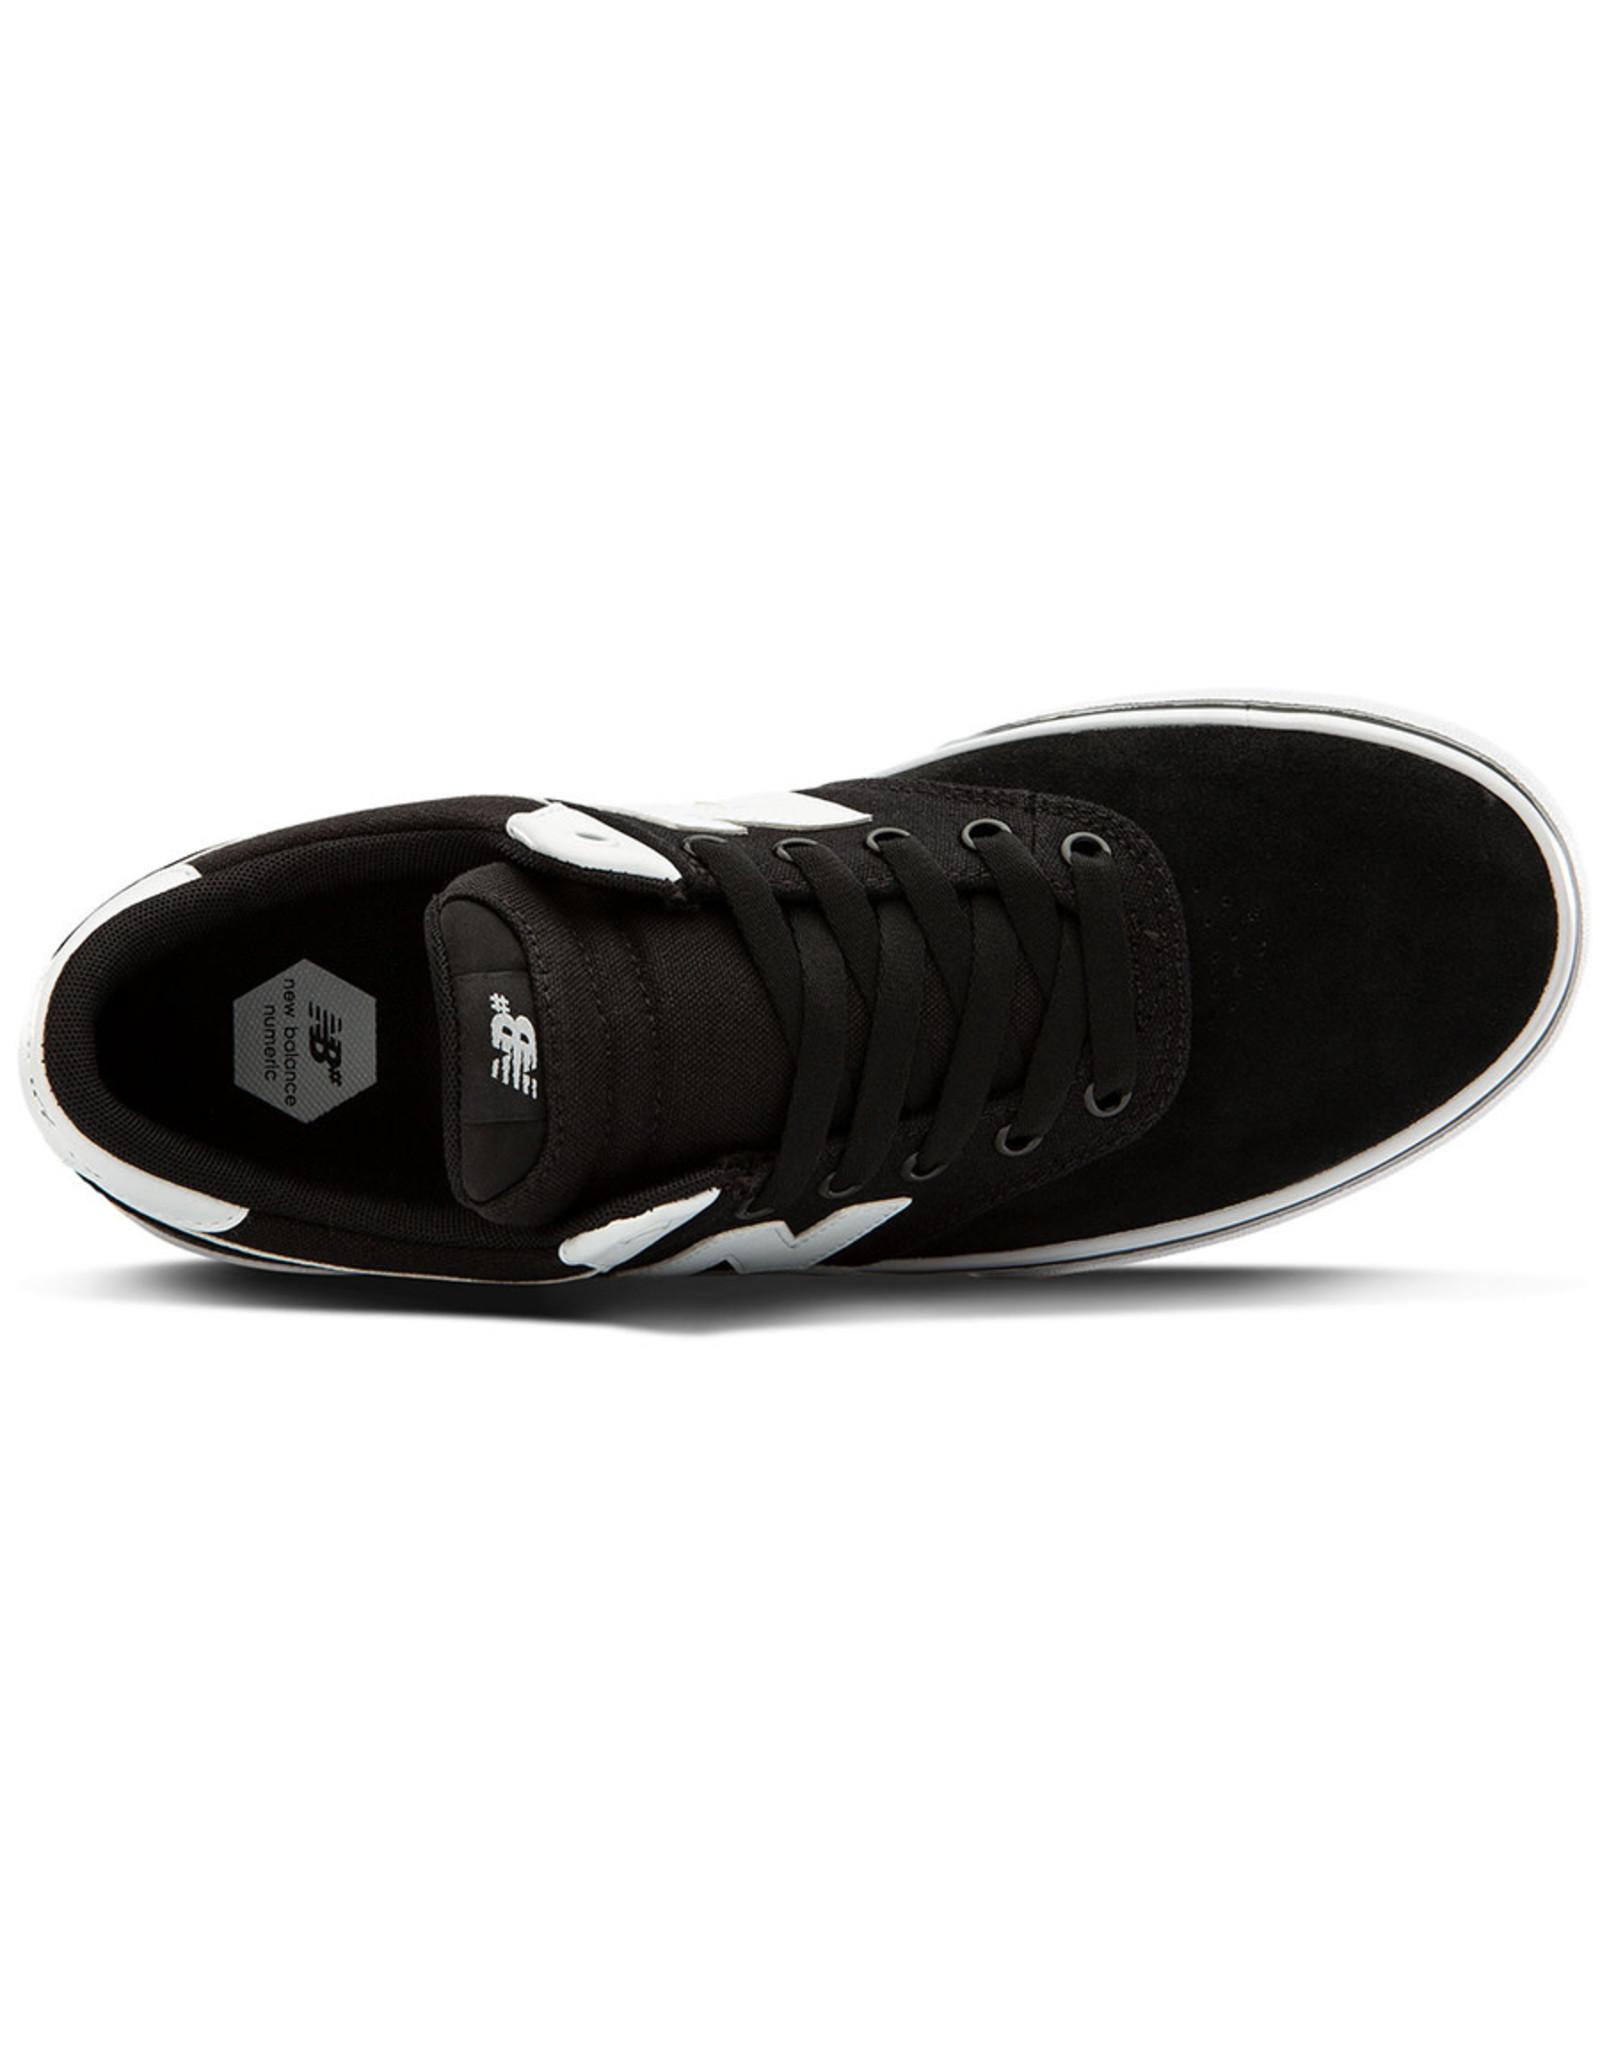 New Balance Numeric New Balance Numeric Shoe 255 (Black/White/Black)